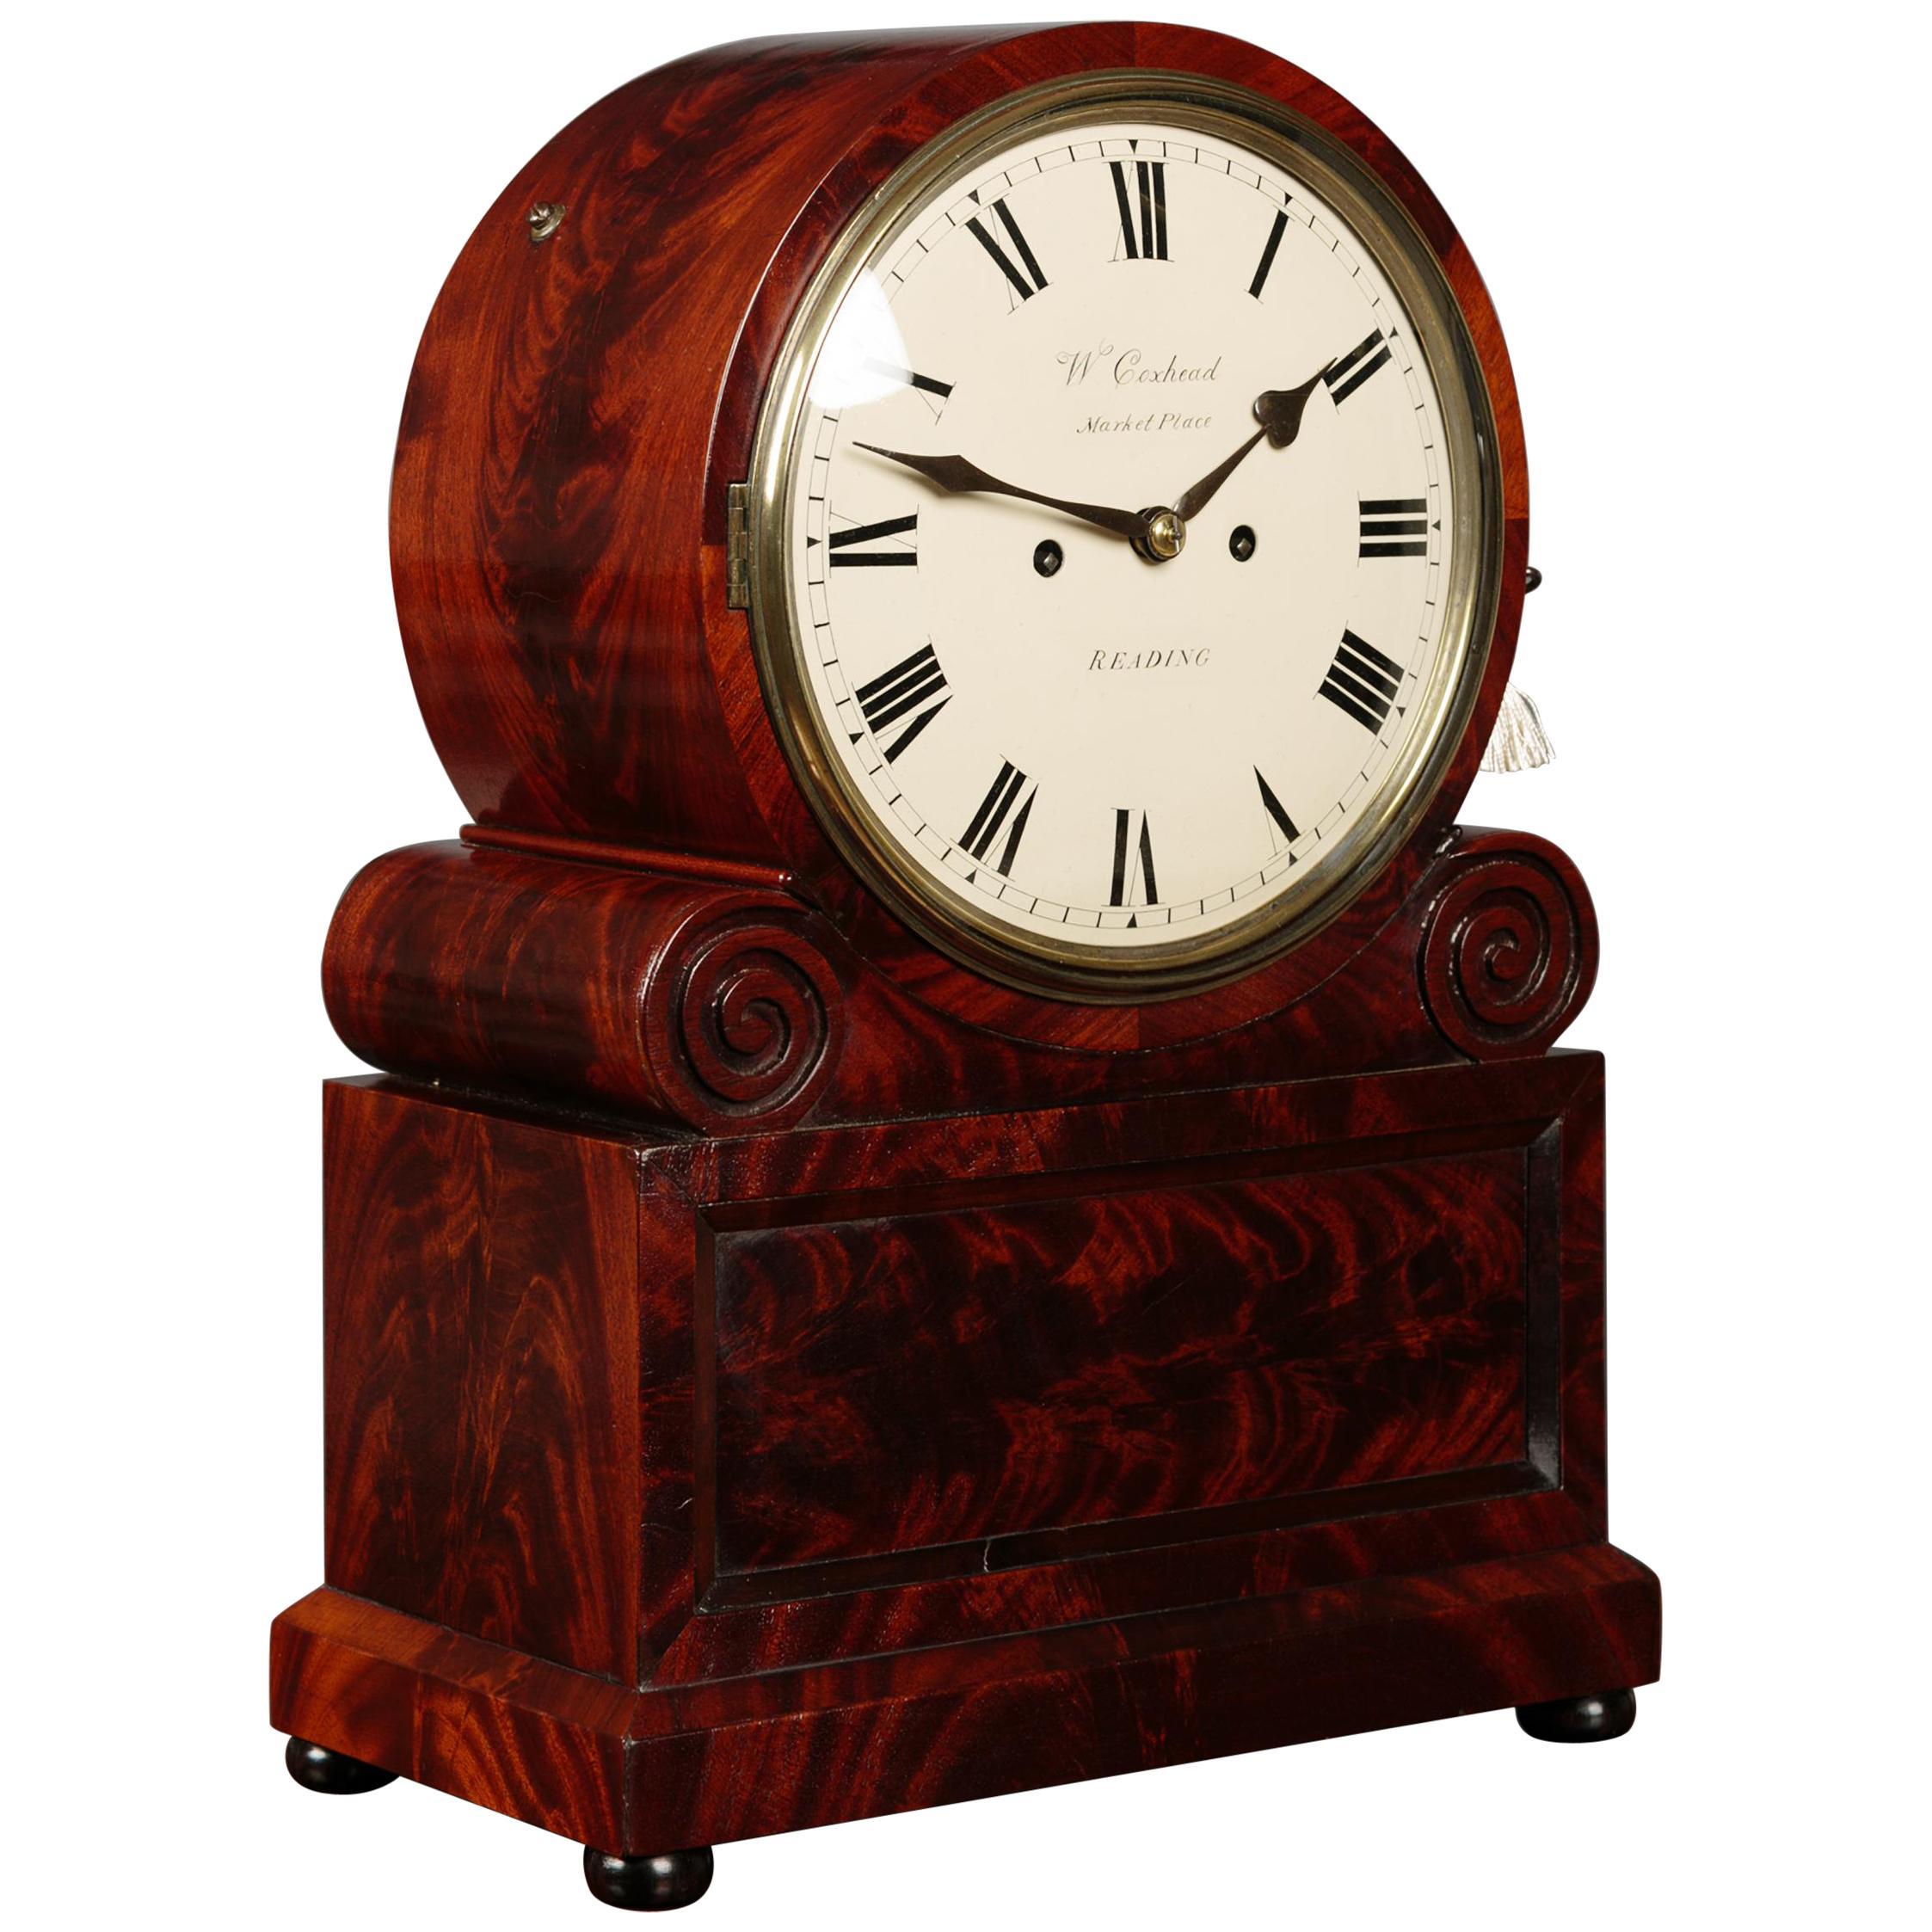 William IV Clocks